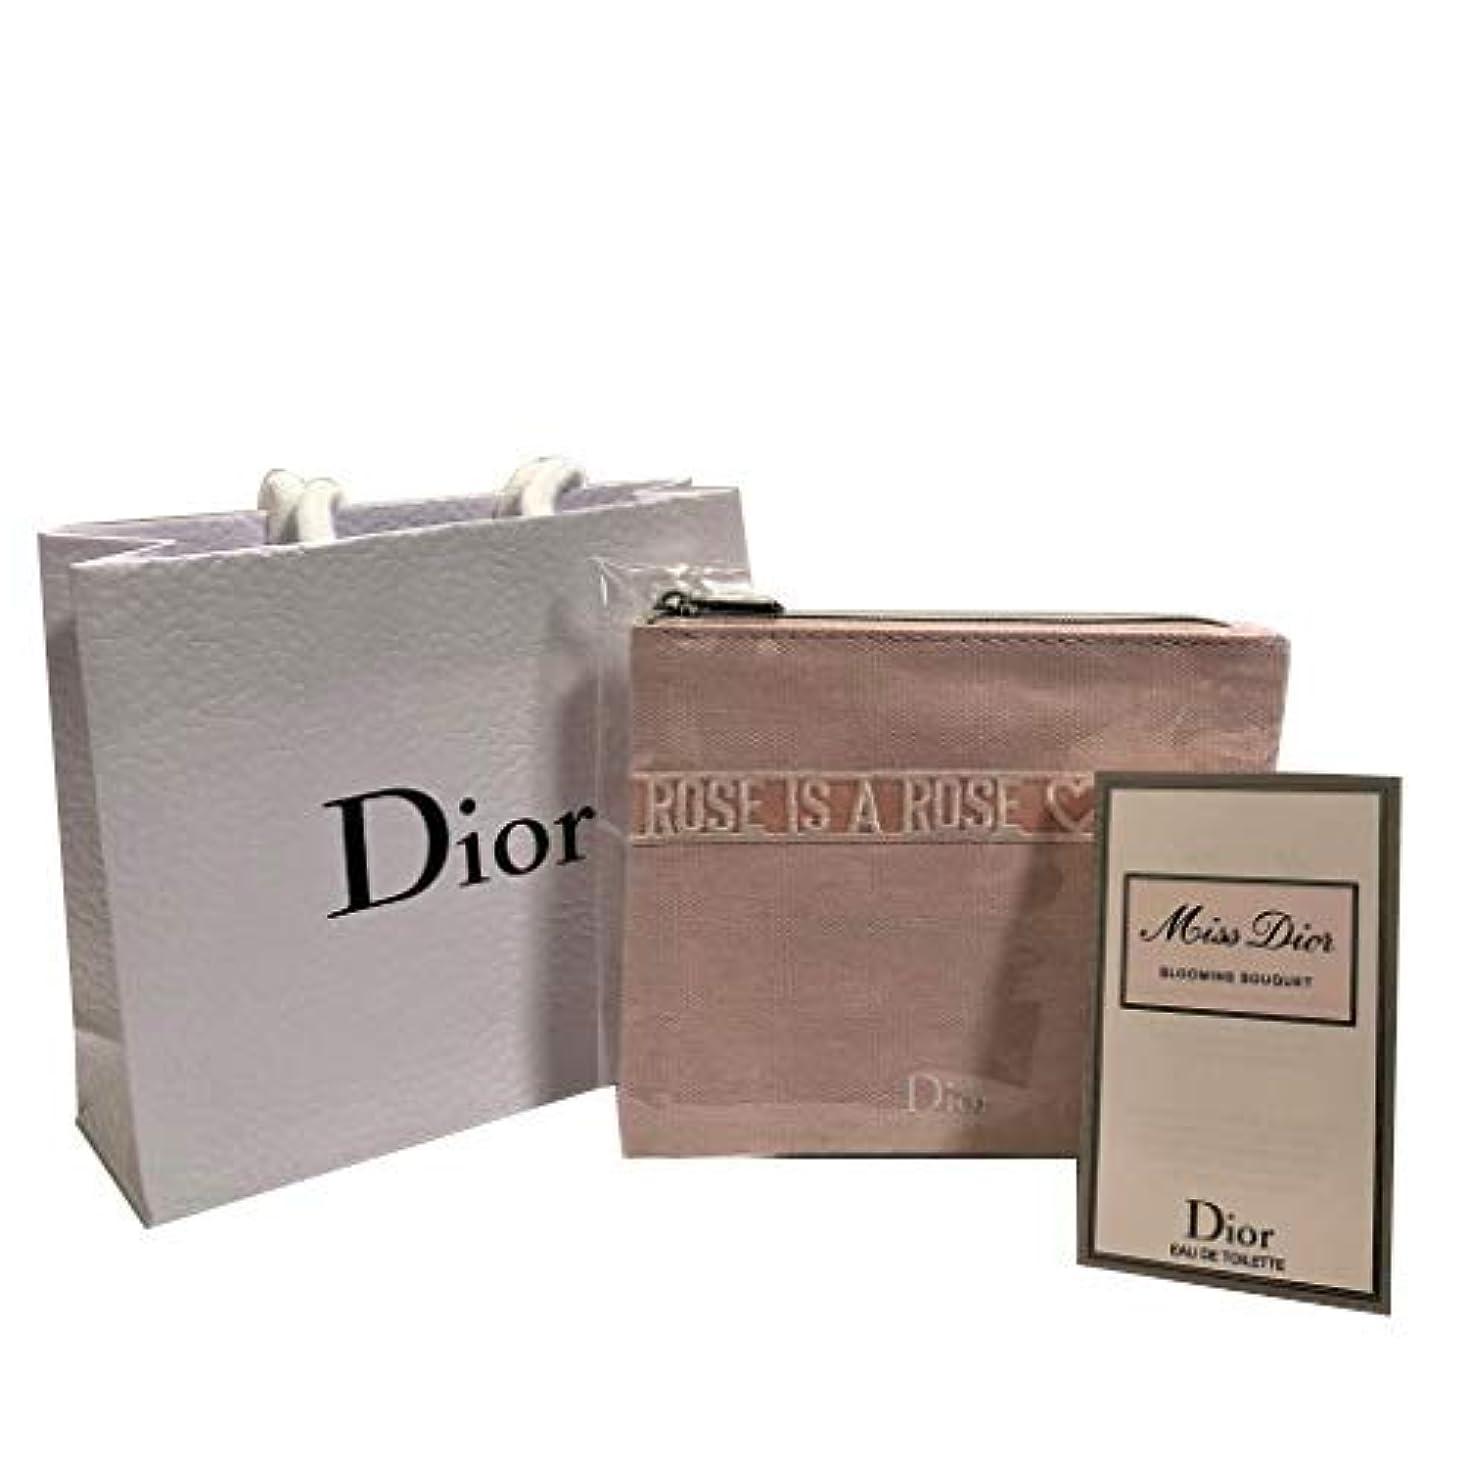 自動車ループ墓地Dior ディオール ミニポーチセット( ミス ディオール ブルーミング ブーケ EDT SP 1ml)